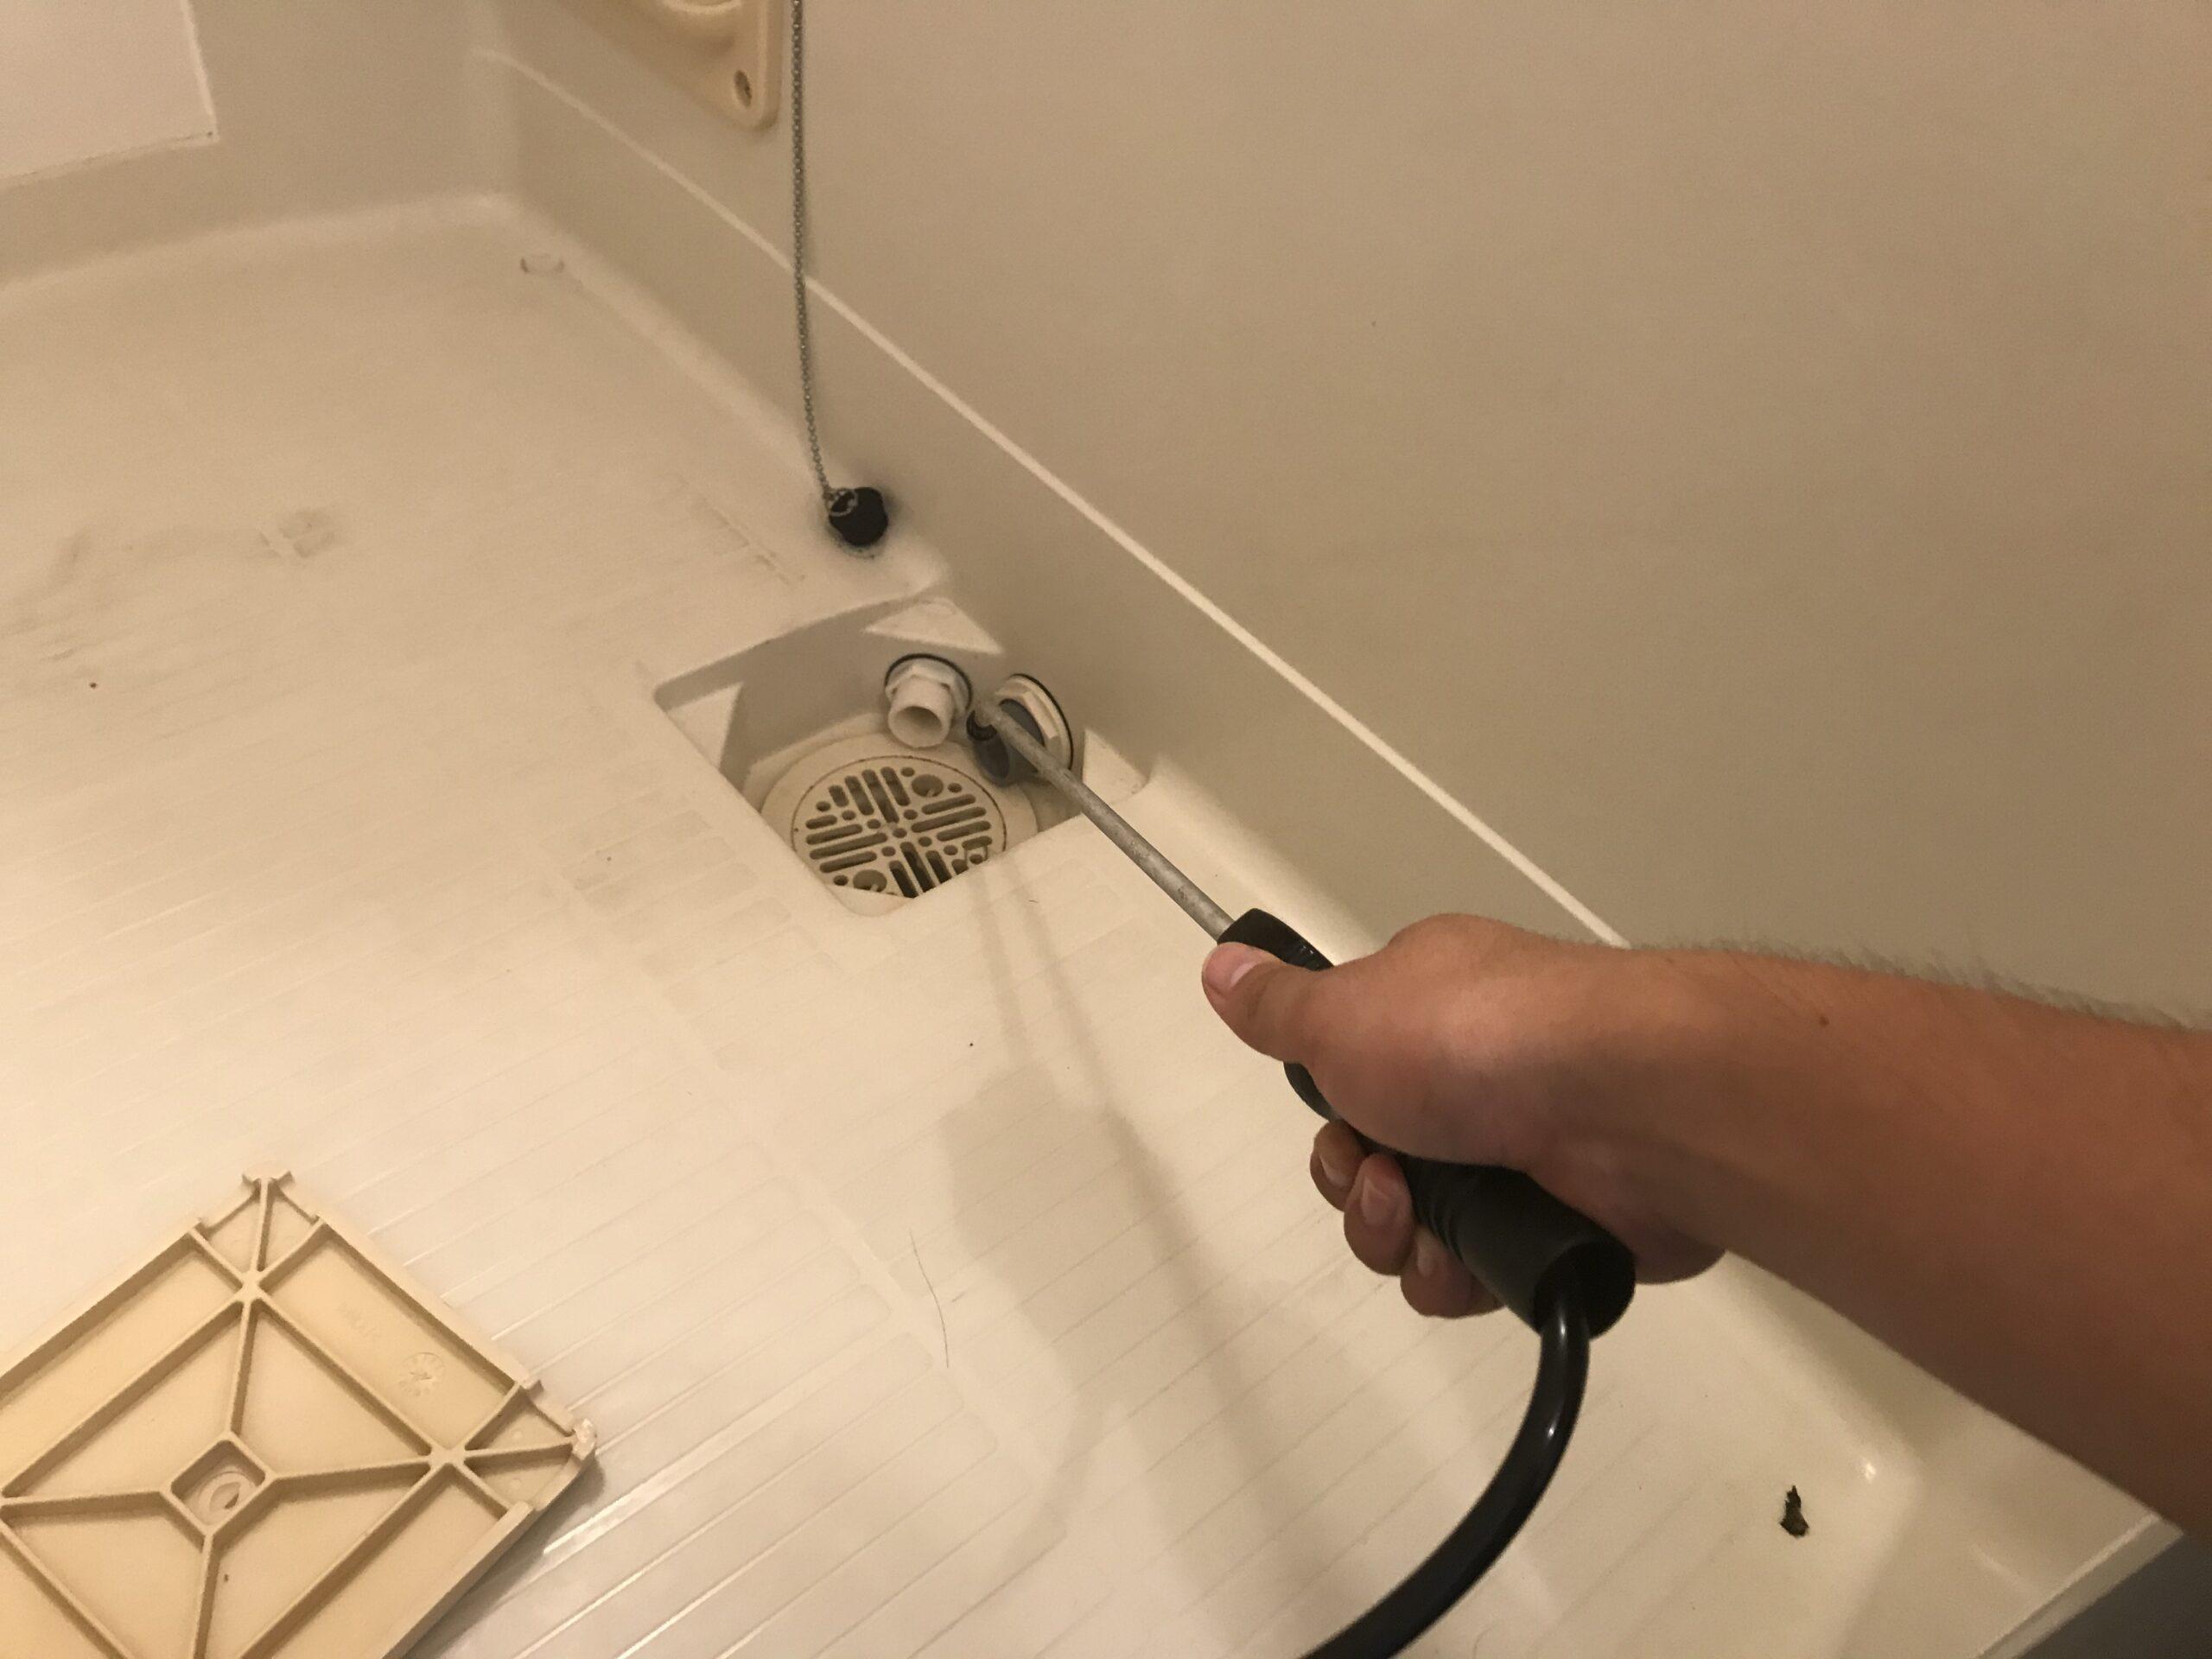 千葉県千葉市のゴキブリ駆除:施工後